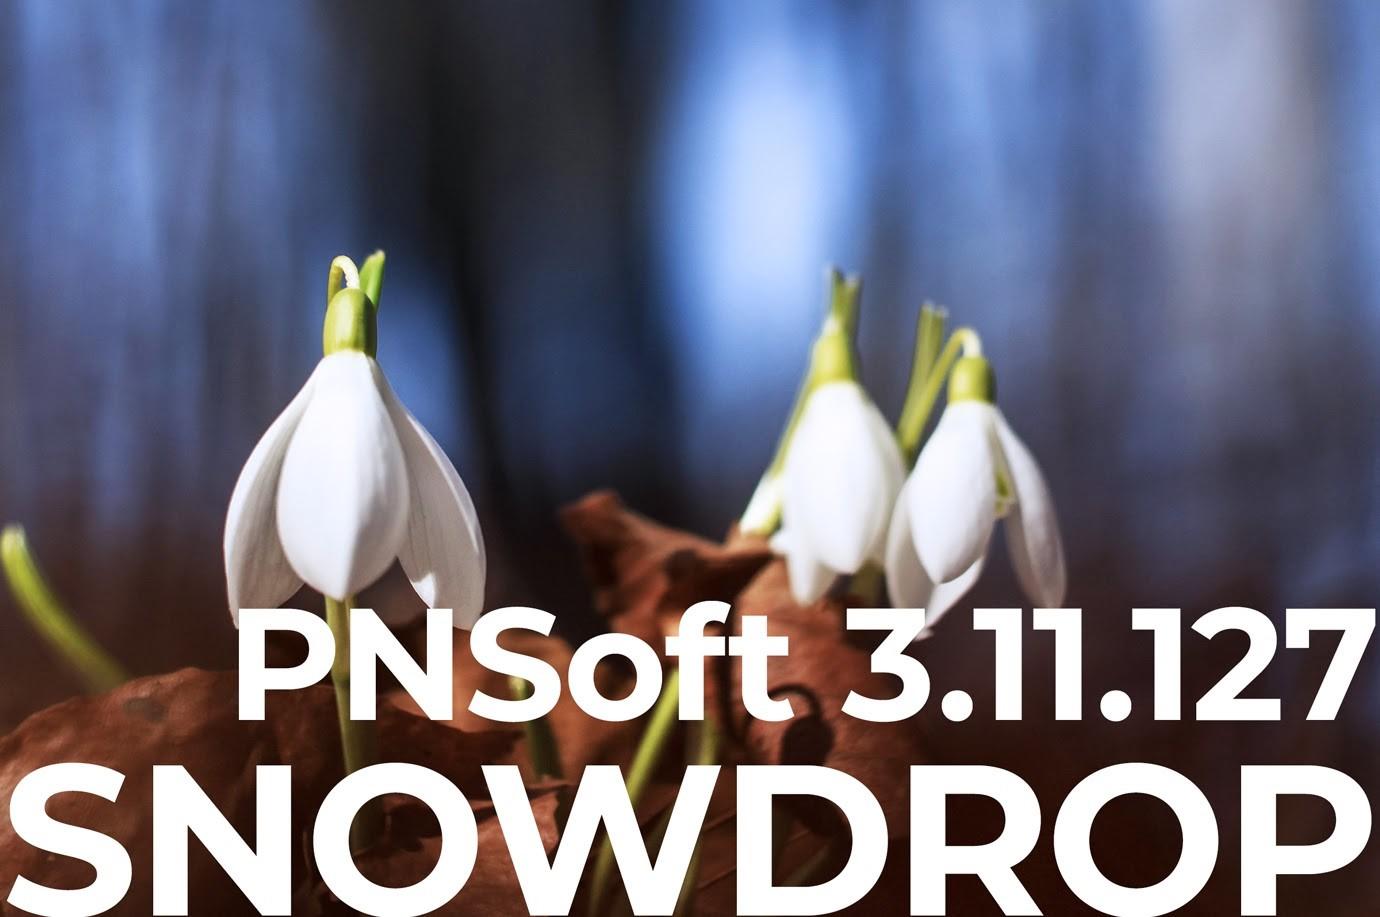 Выпущен новый релиз ПО для СКУД ParsecNET – PNSoft 3.11.127 Snowdrop